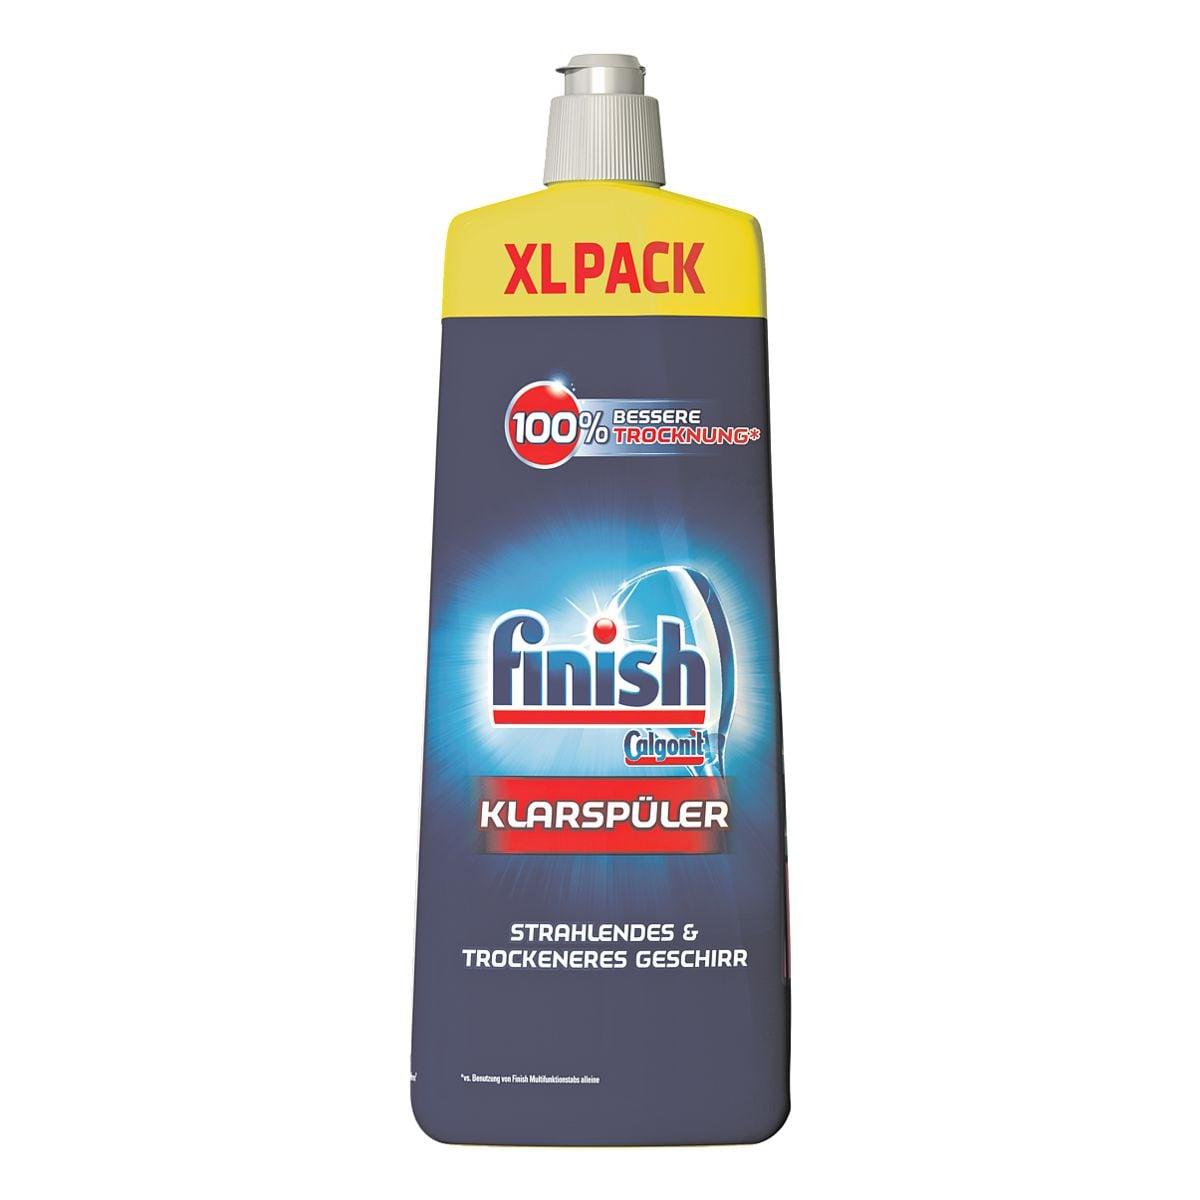 calgonit liquide de rinçage « finish brillant » - acheter à prix